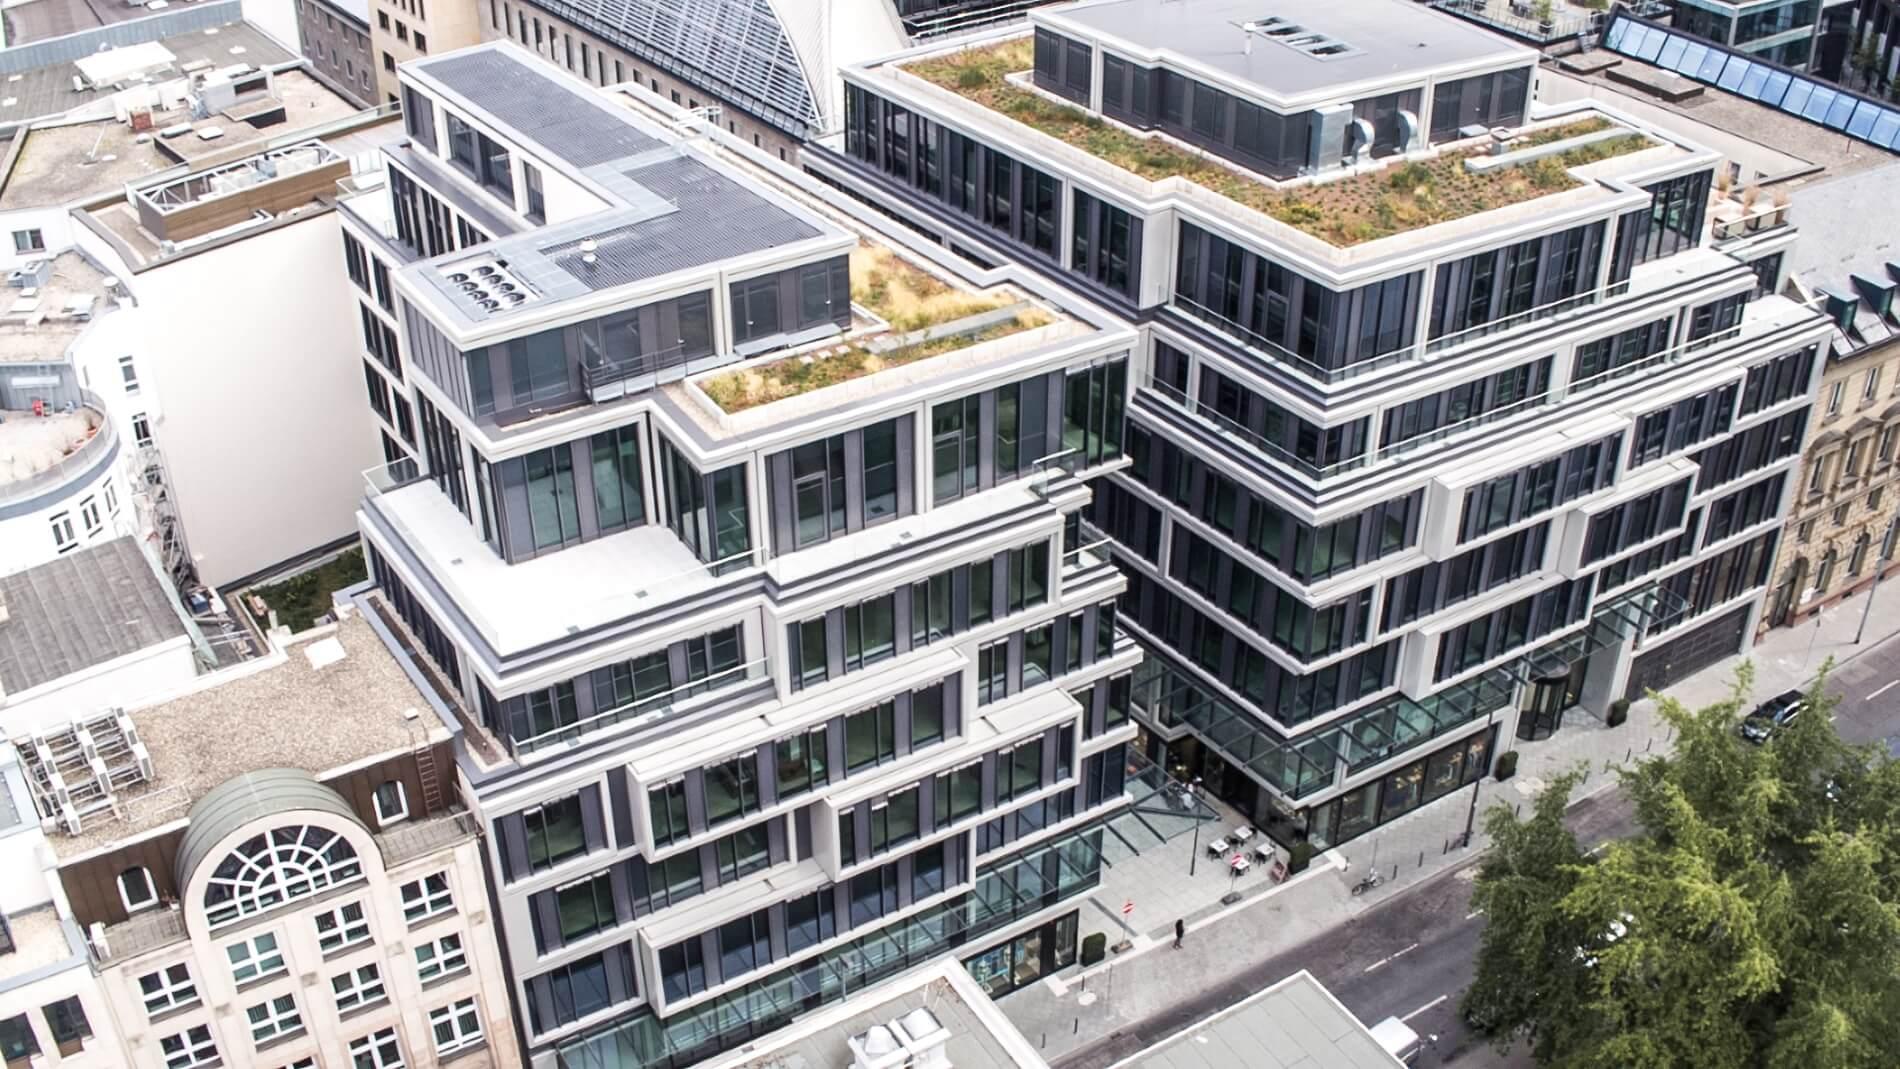 Hochauflösende-Luftbilder-für-Marketing-Verkaufs-und-Präsentationen-Immobilien-Drohne-Frankfurt